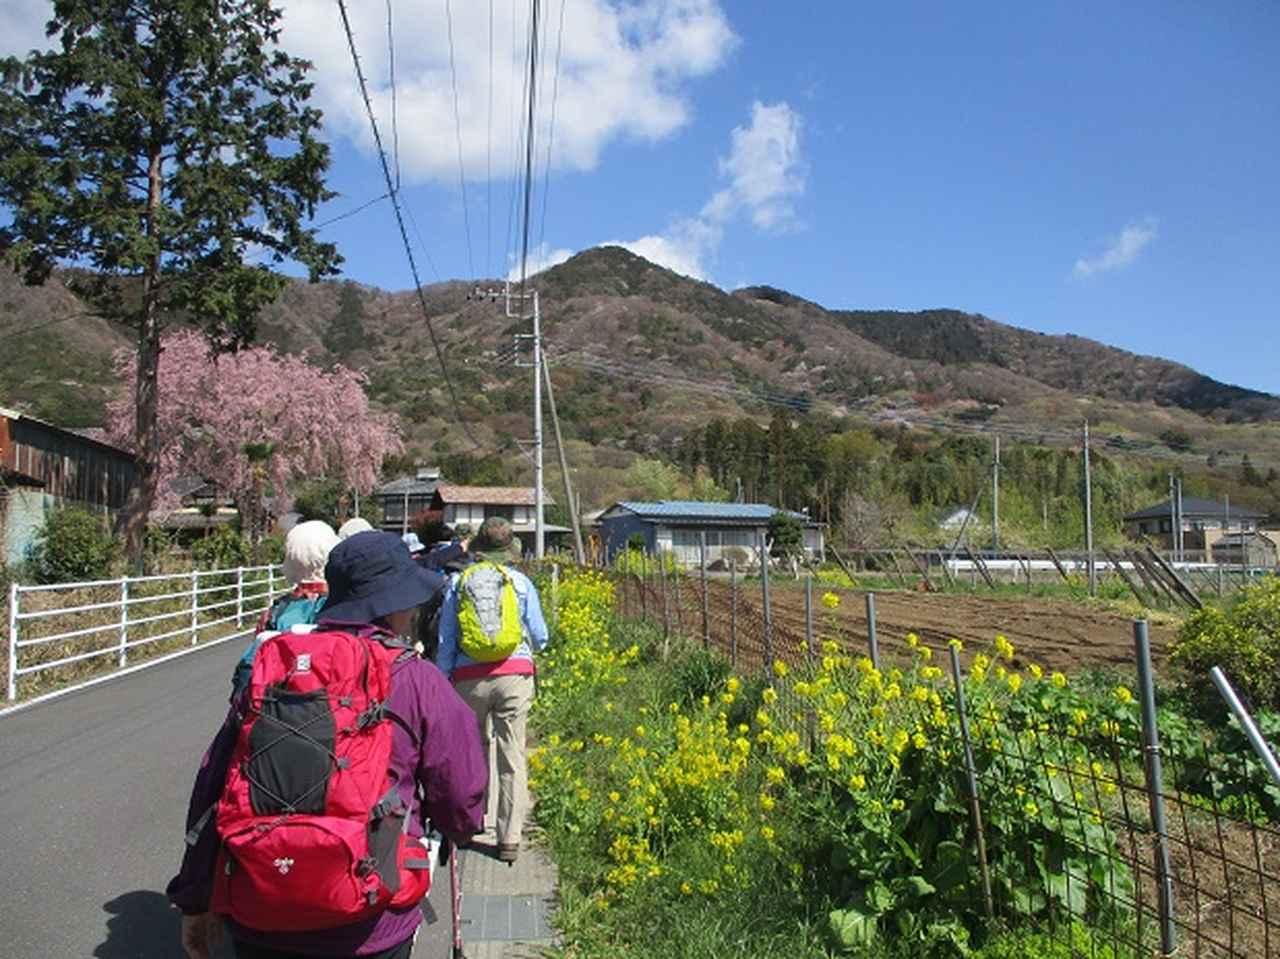 画像1: 4月9日に山旅会 晃石山から太平山 ツアーに行ってきました! にいって